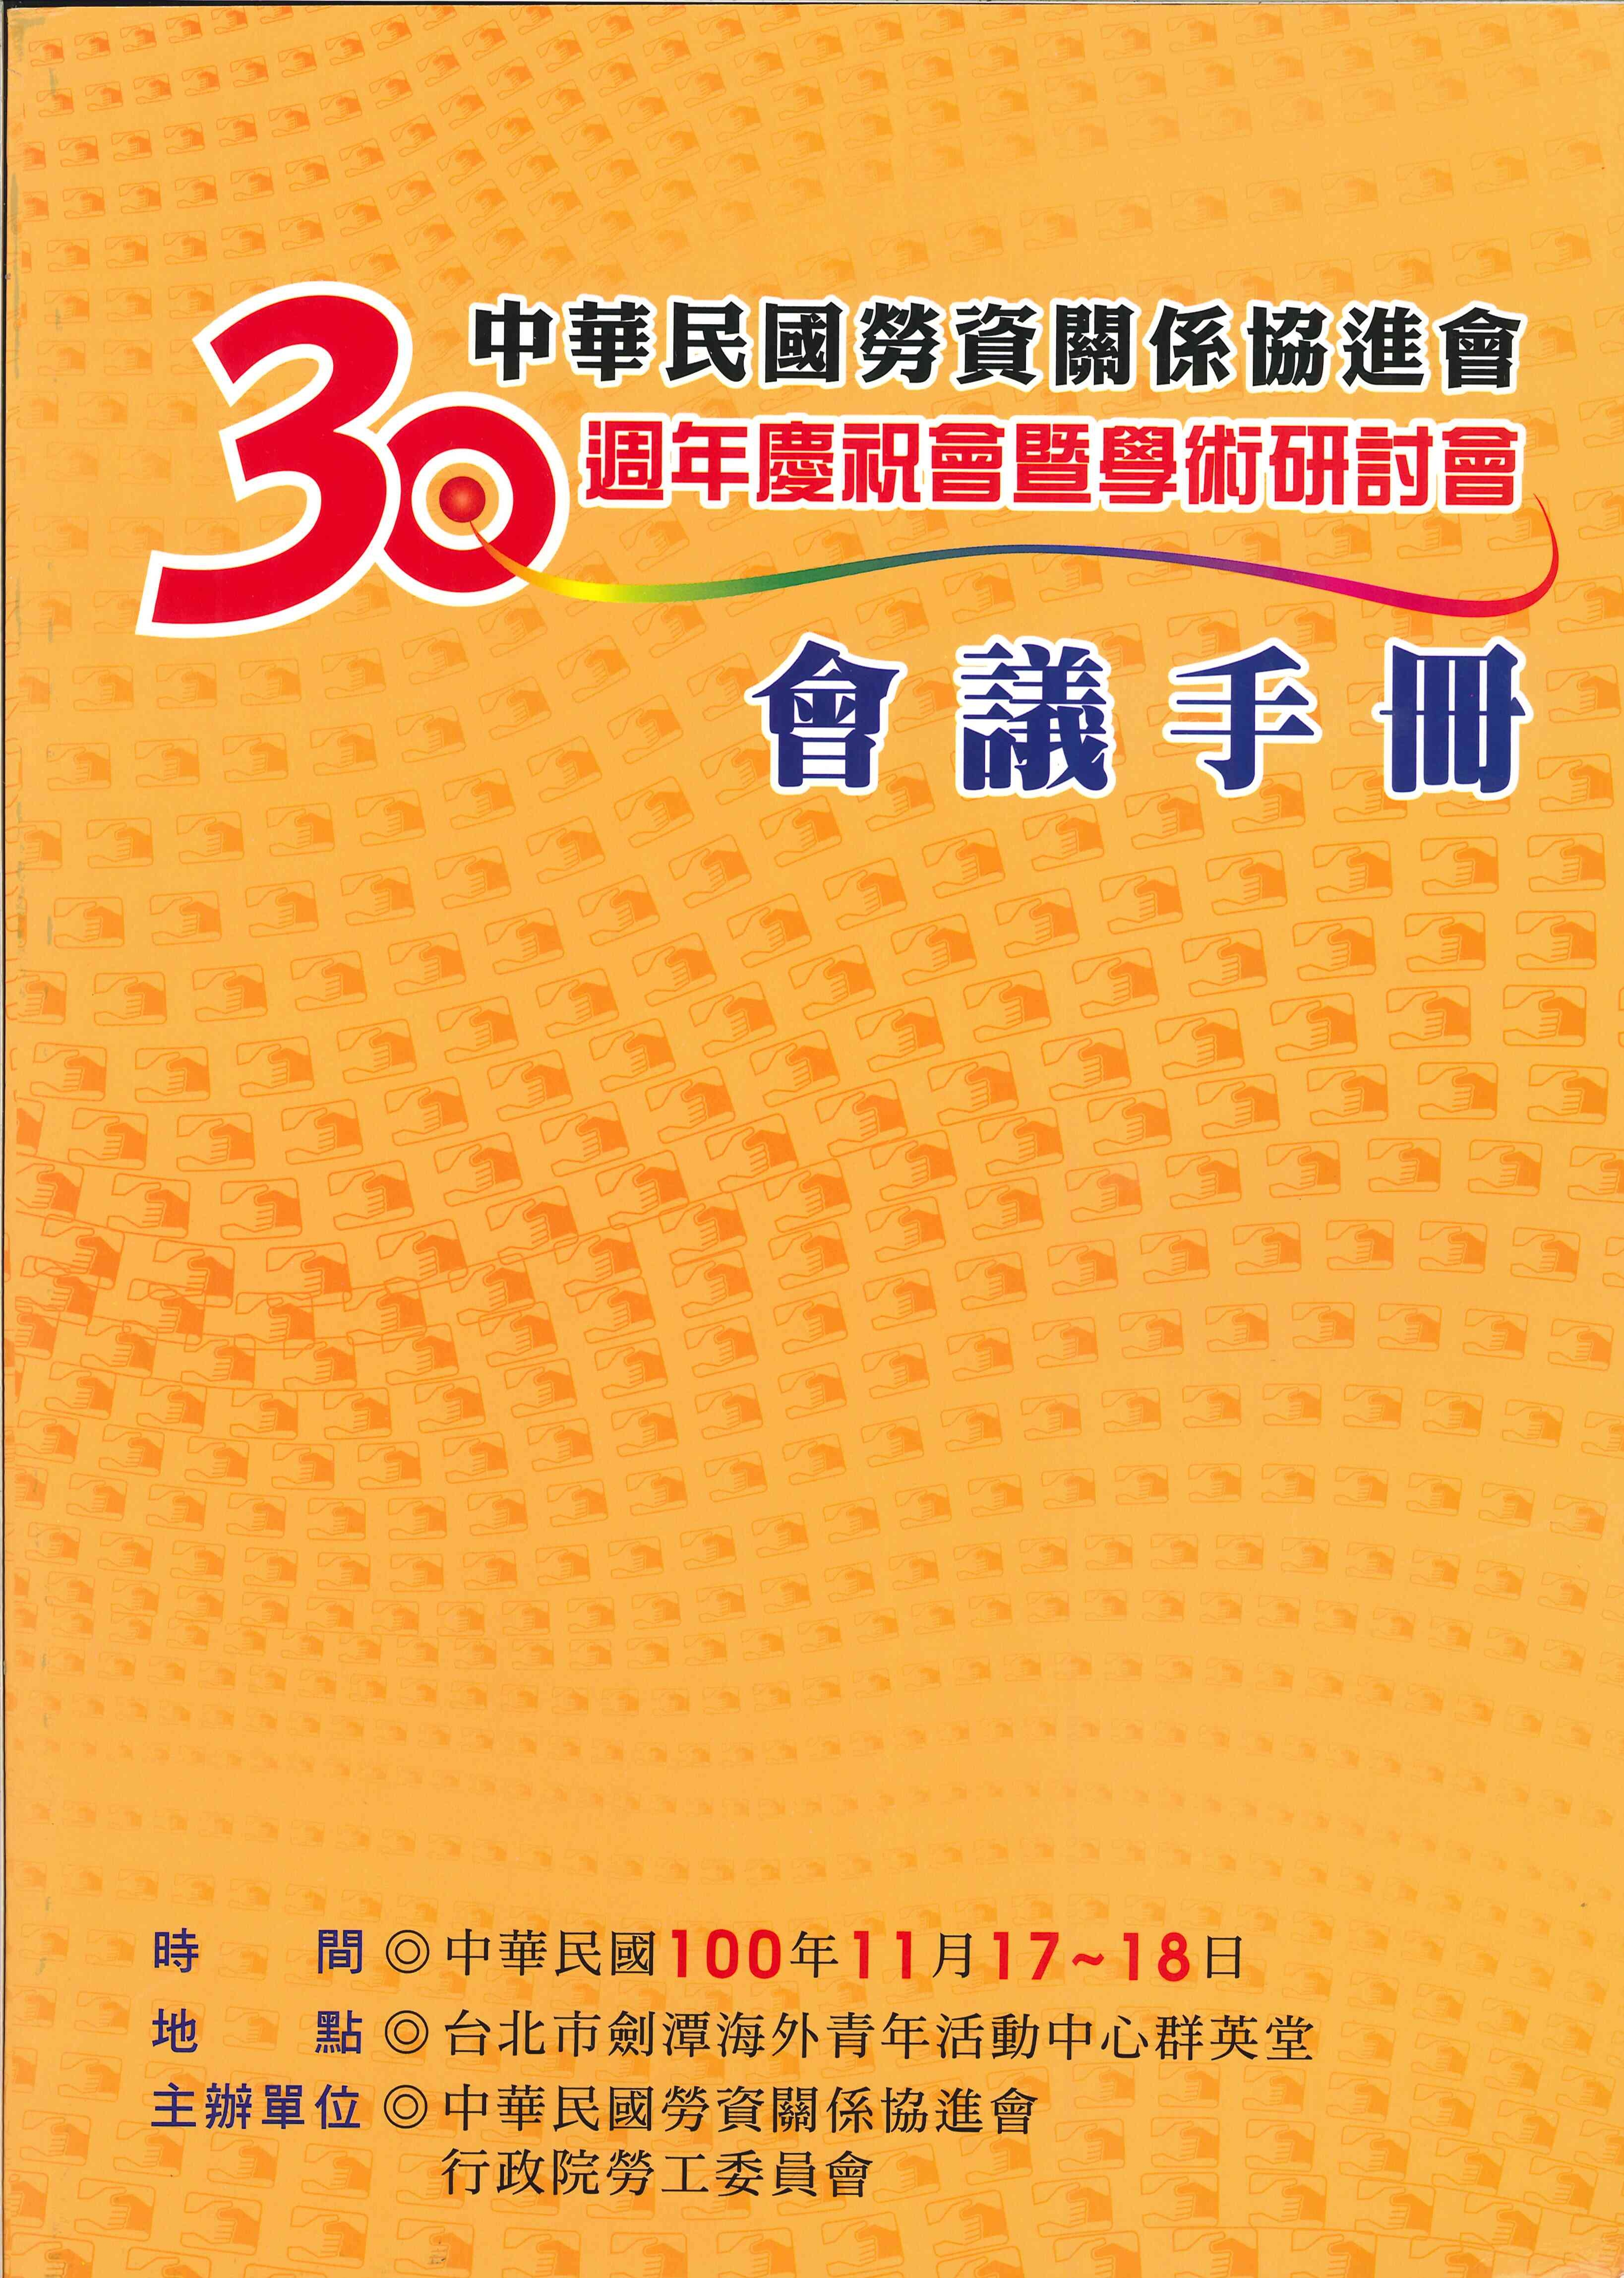 中華民國勞資關係協進會30週年慶祝會暨學術研討會:會議手冊